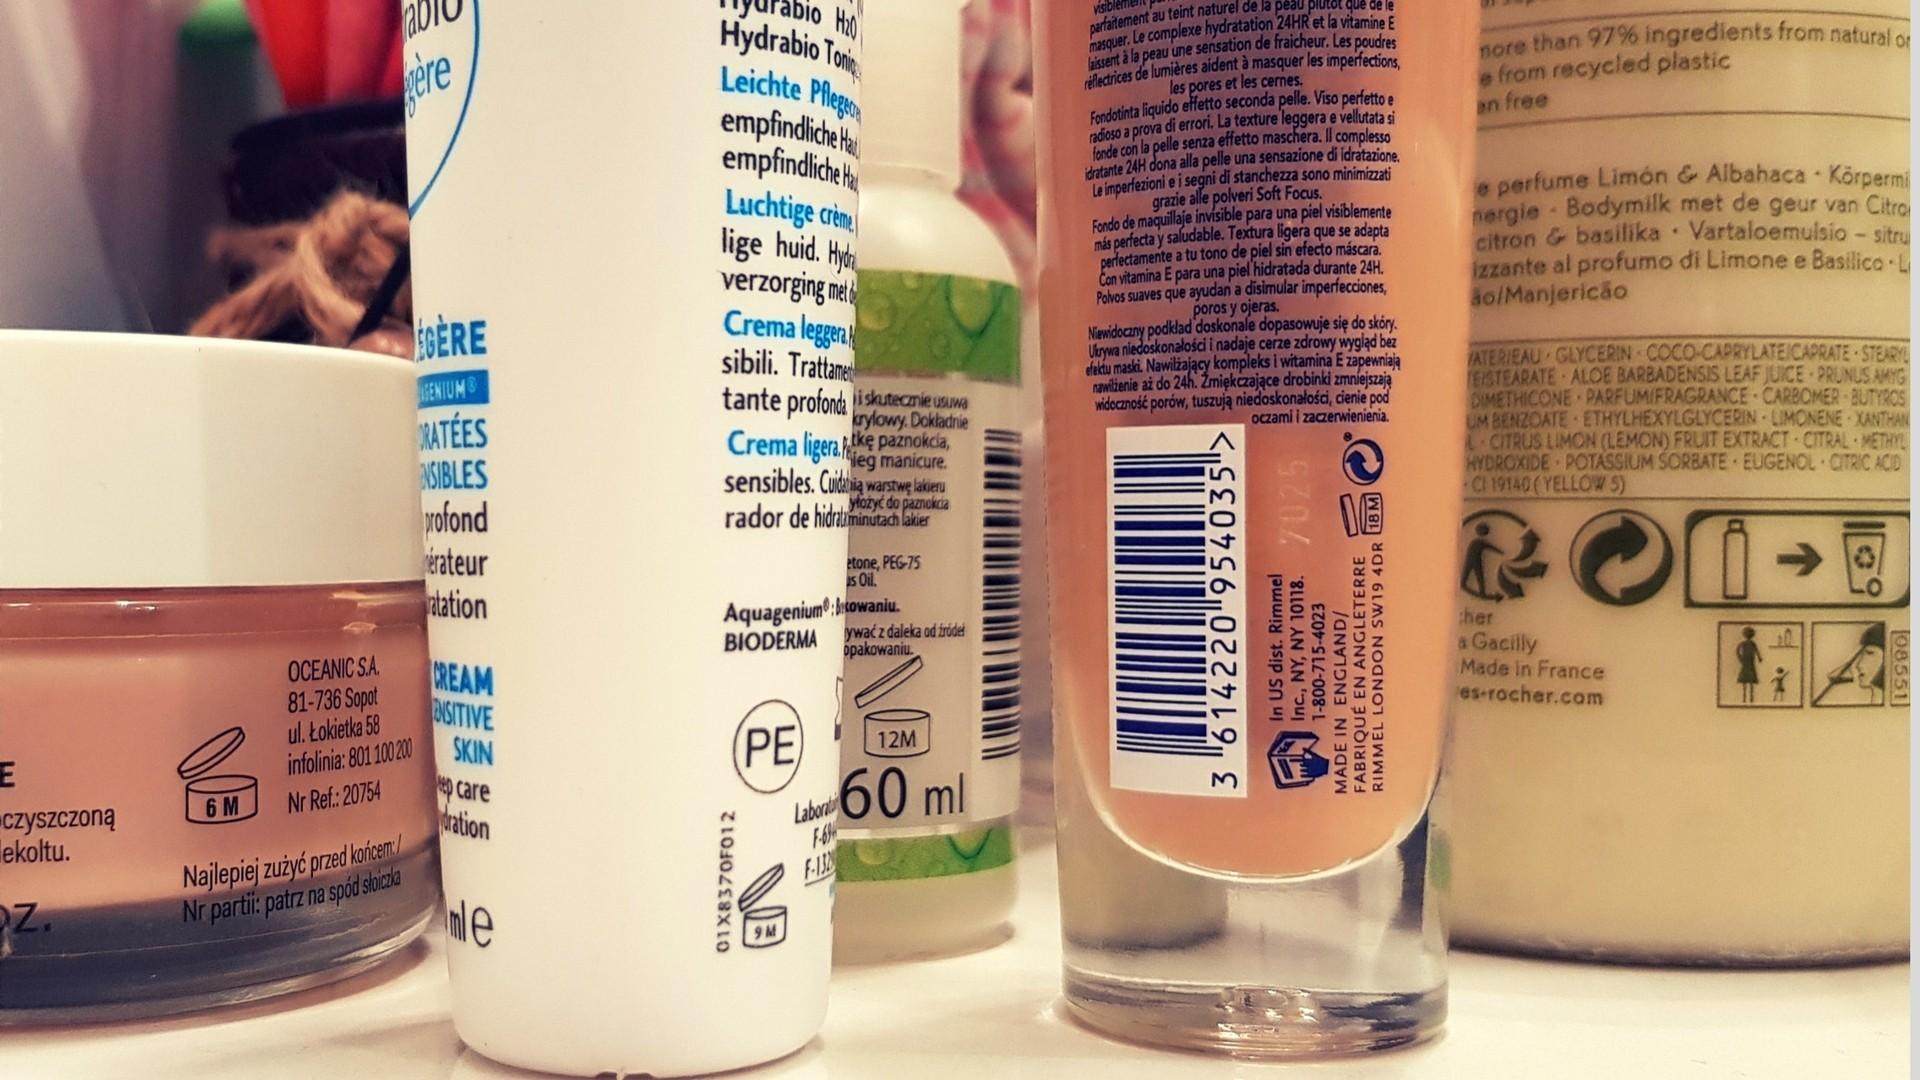 etykiety na kosmetykach